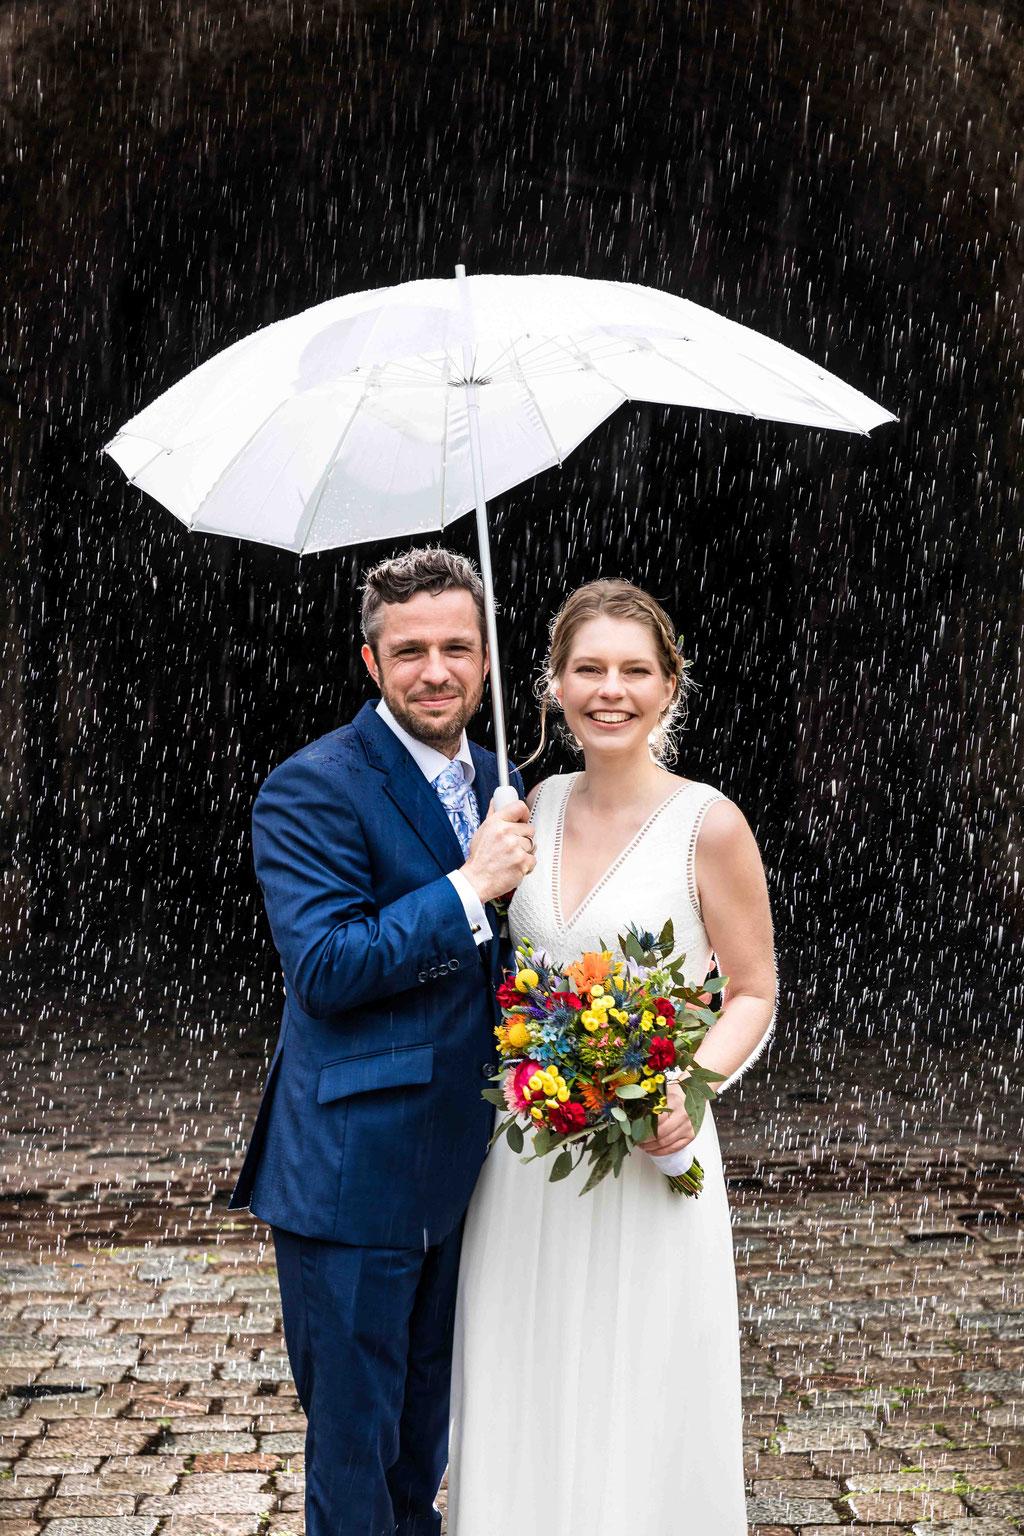 Regenhochzeit, Hochzeit im Regen, Hochzeit Reduit Mainz-Kastel Wiesbaden, Hochzeitsfotos im Regen, Hochzeitsbilder bei Regen, Hochzeitsfotograf Mainz-Kastel Reduit, Standesamt Mainz-Kastel